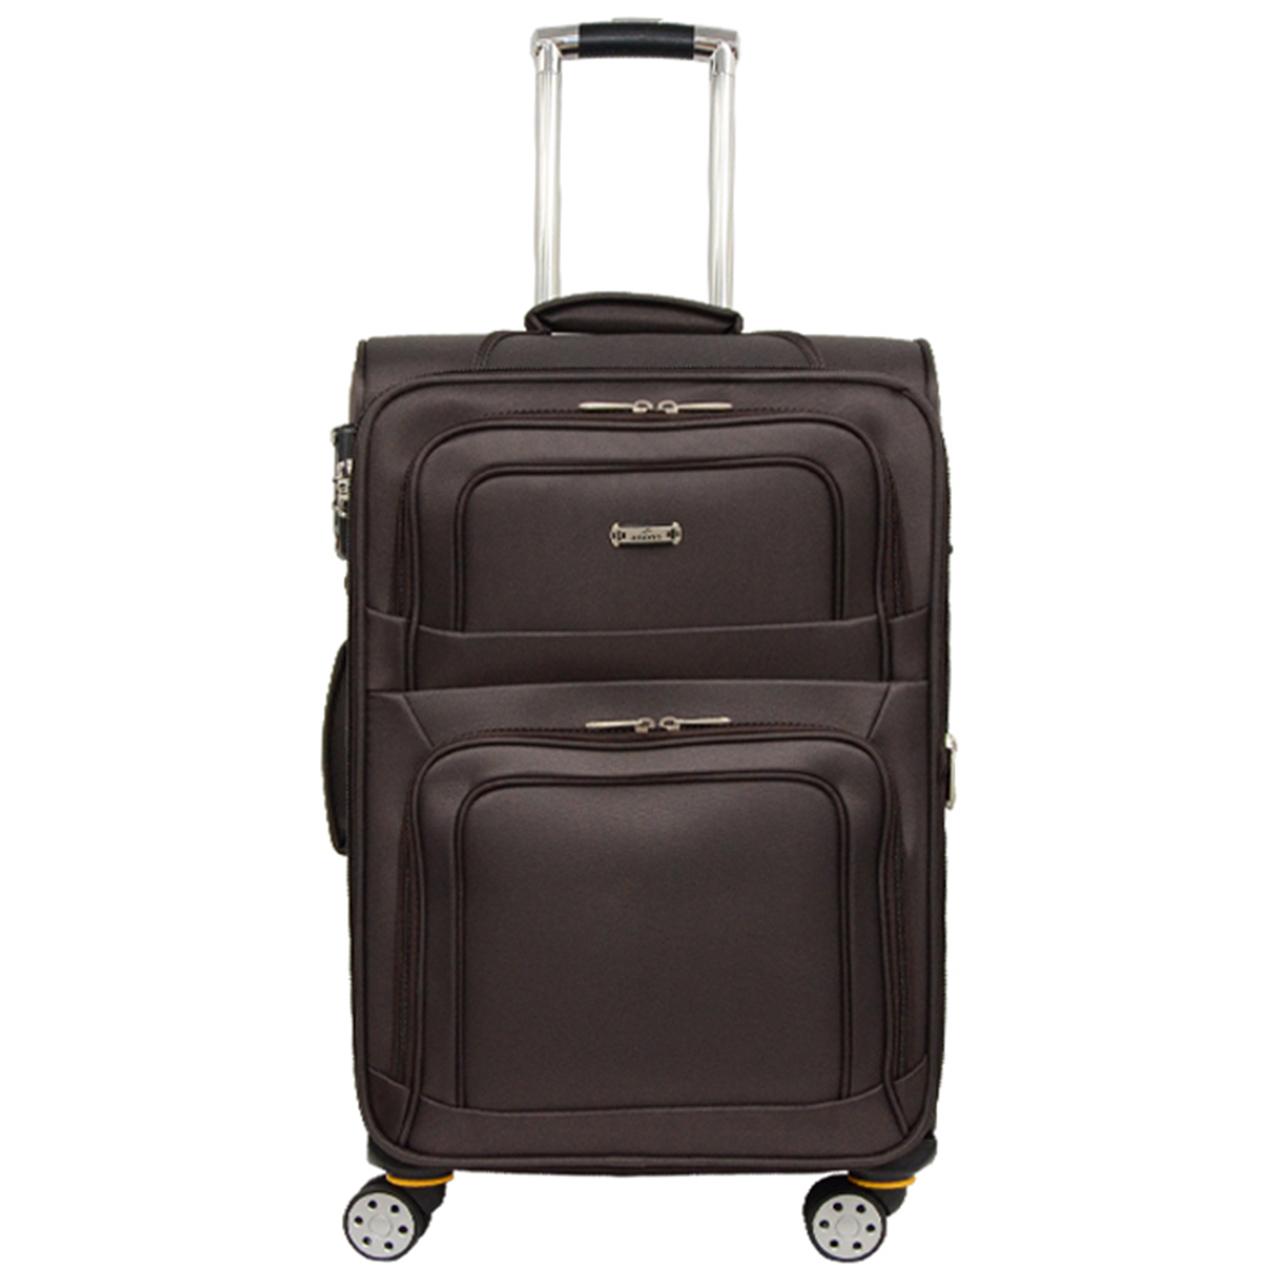 چمدان آنونس مدل 20 - 55 - 2014